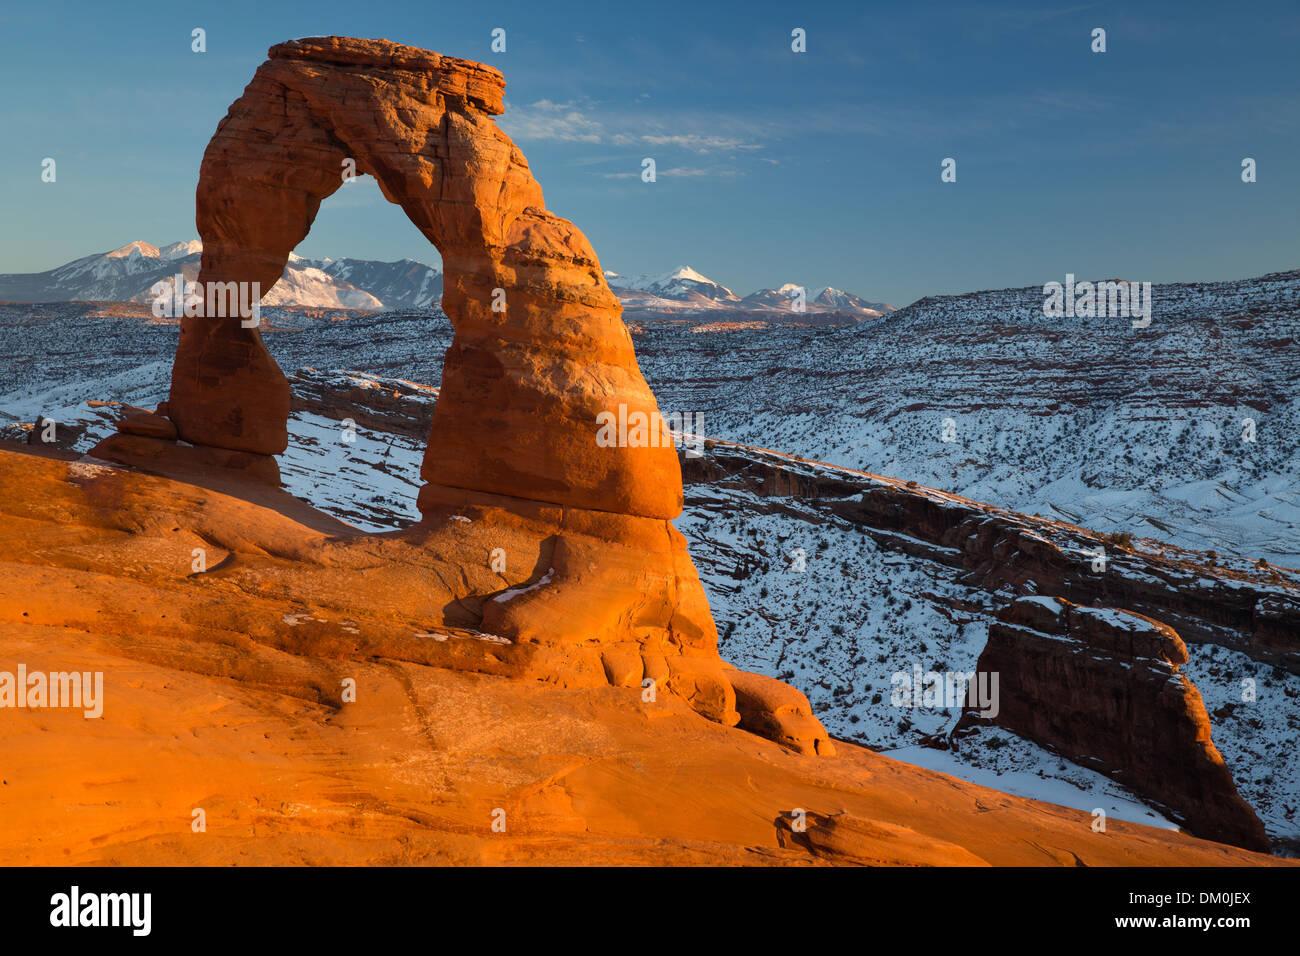 El arco delicado, Parque Nacional Arches, en Utah, EE.UU. Imagen De Stock